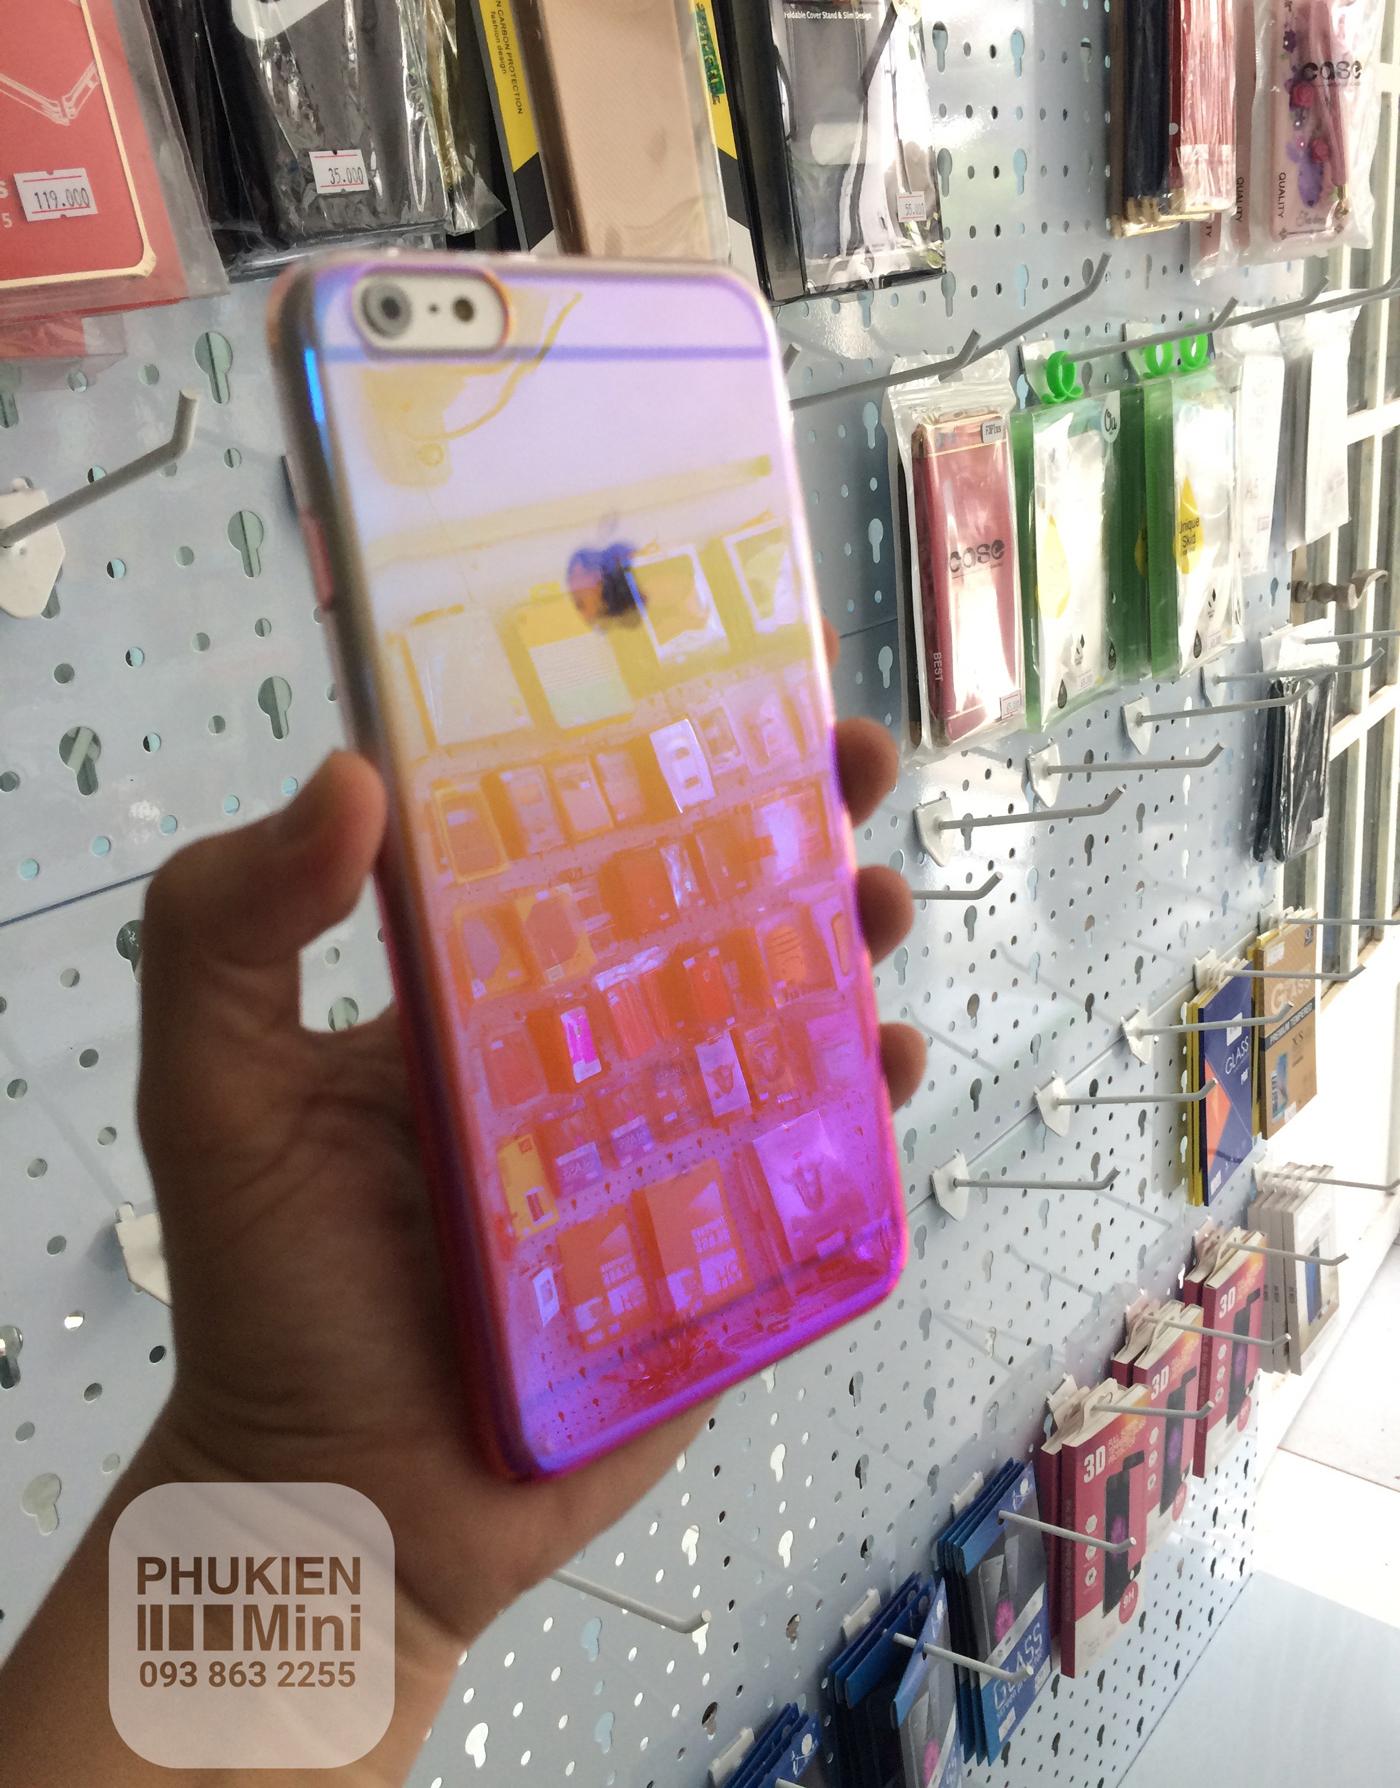 Ốp rayban đổi màu phản chiếu độc đáo các dòng Samsung Galaxy J5 prime, J7 prime, A3 2017, A5 2017, A7 2017, S8, S8 Plus, S7 Edge